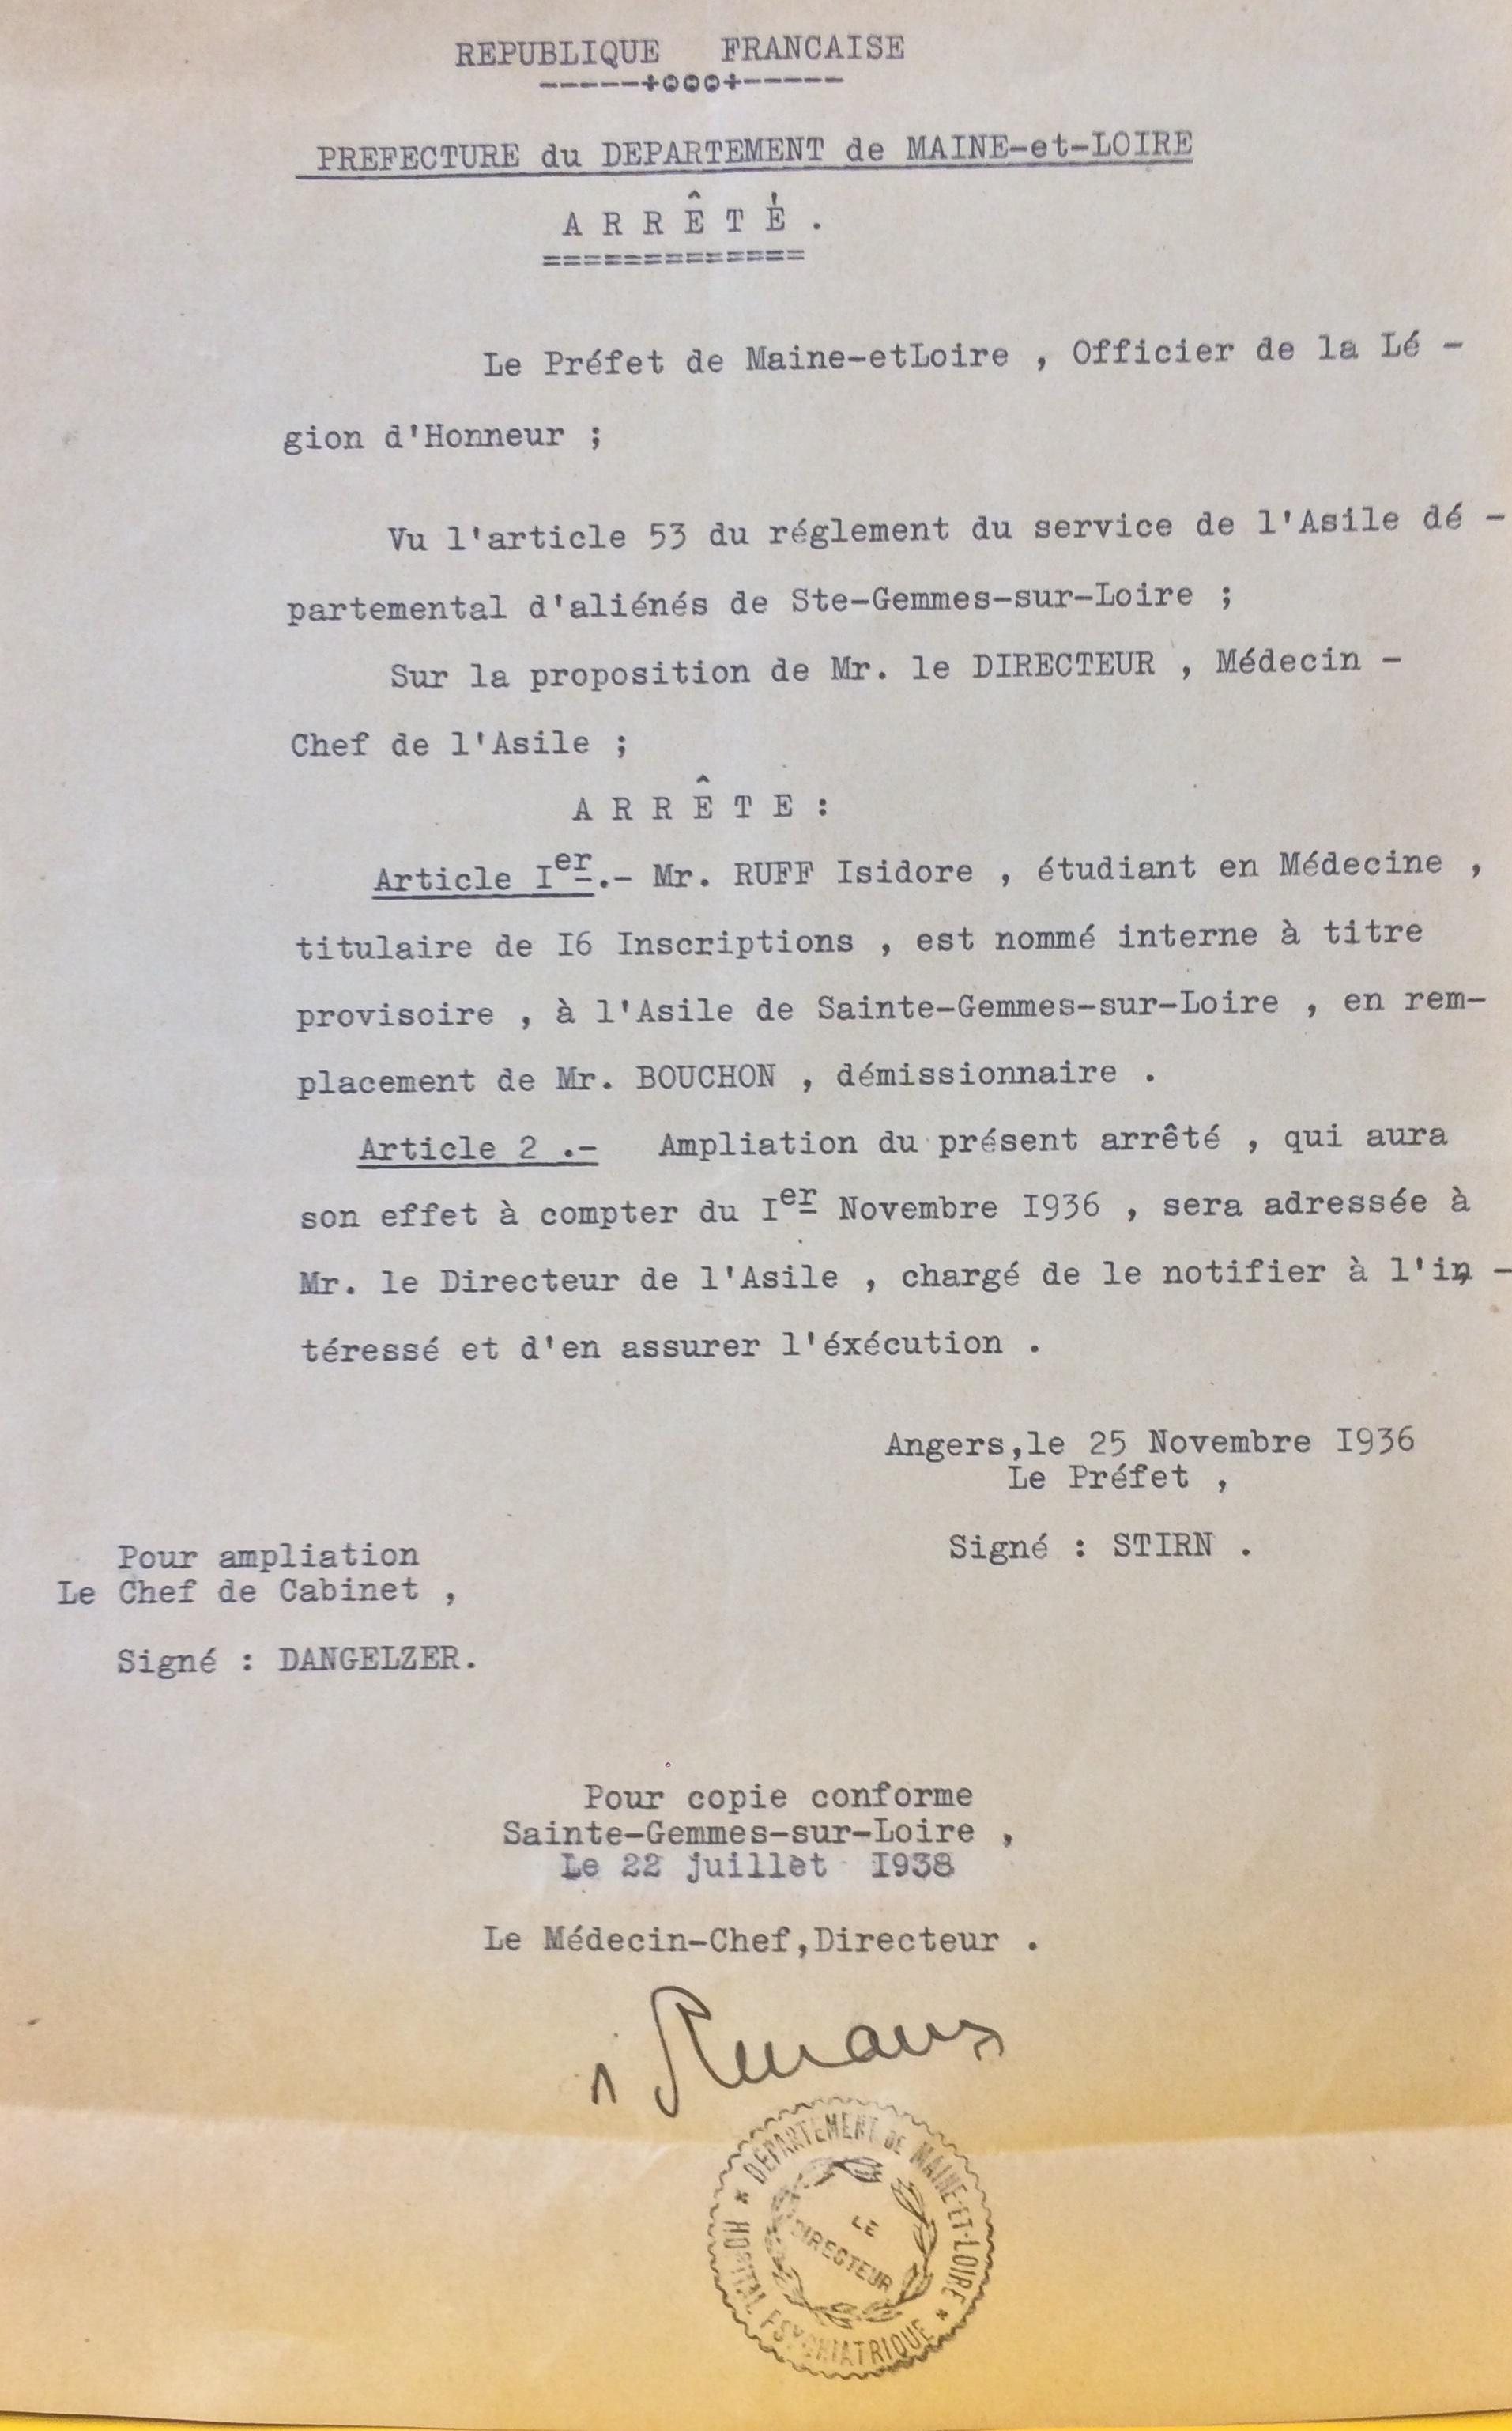 Arrêté de nomination d'Isidore RUFF comme interne en psychiatrie à l'Asile Psychiatrique de Sainte-Gemmes-sur-Loire [ADML 120W63]